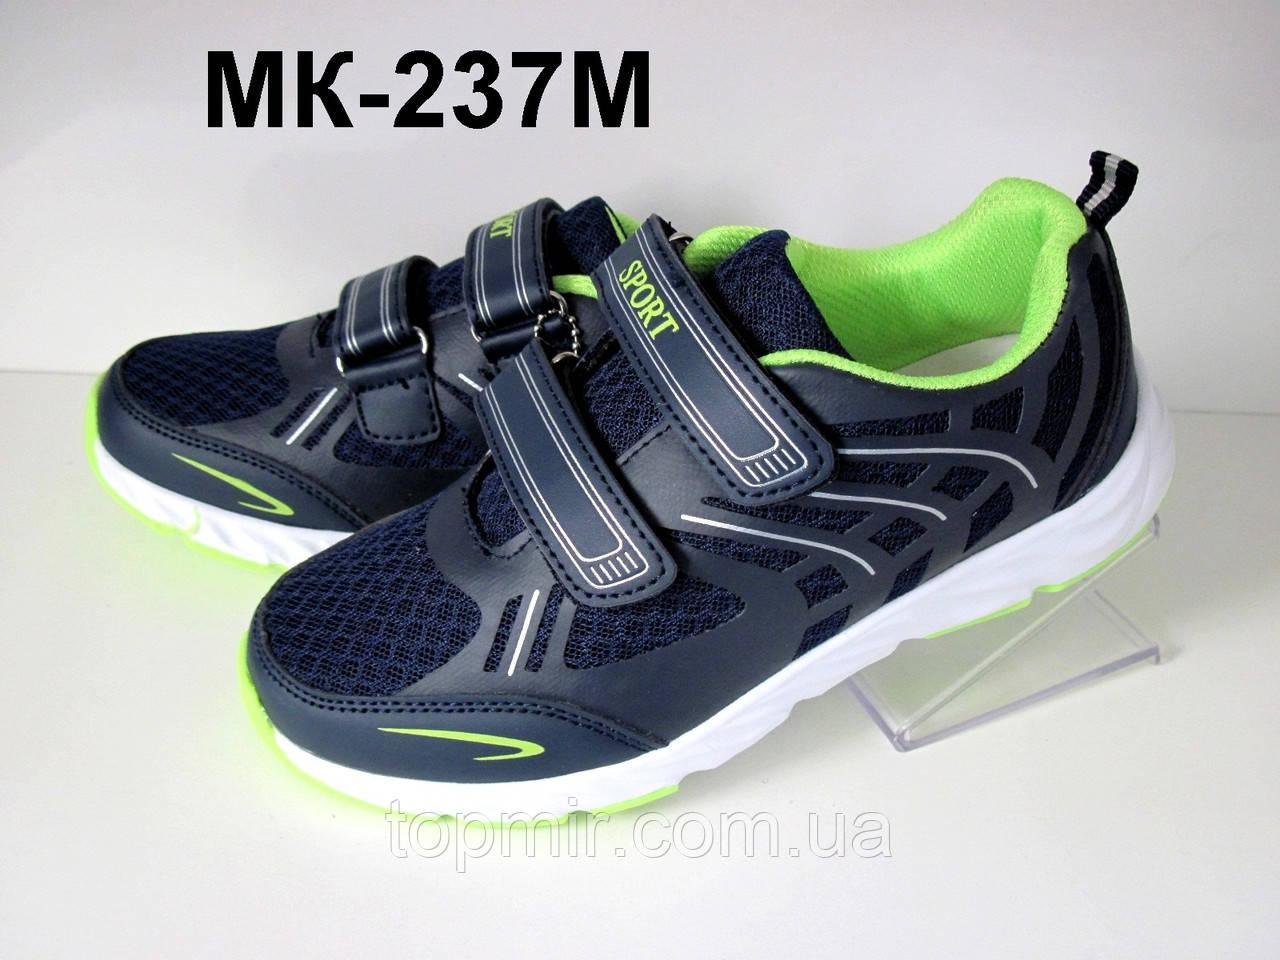 ad08dcd45 Детские легкие кроссовки для мальчика - Интернет- магазин обуви